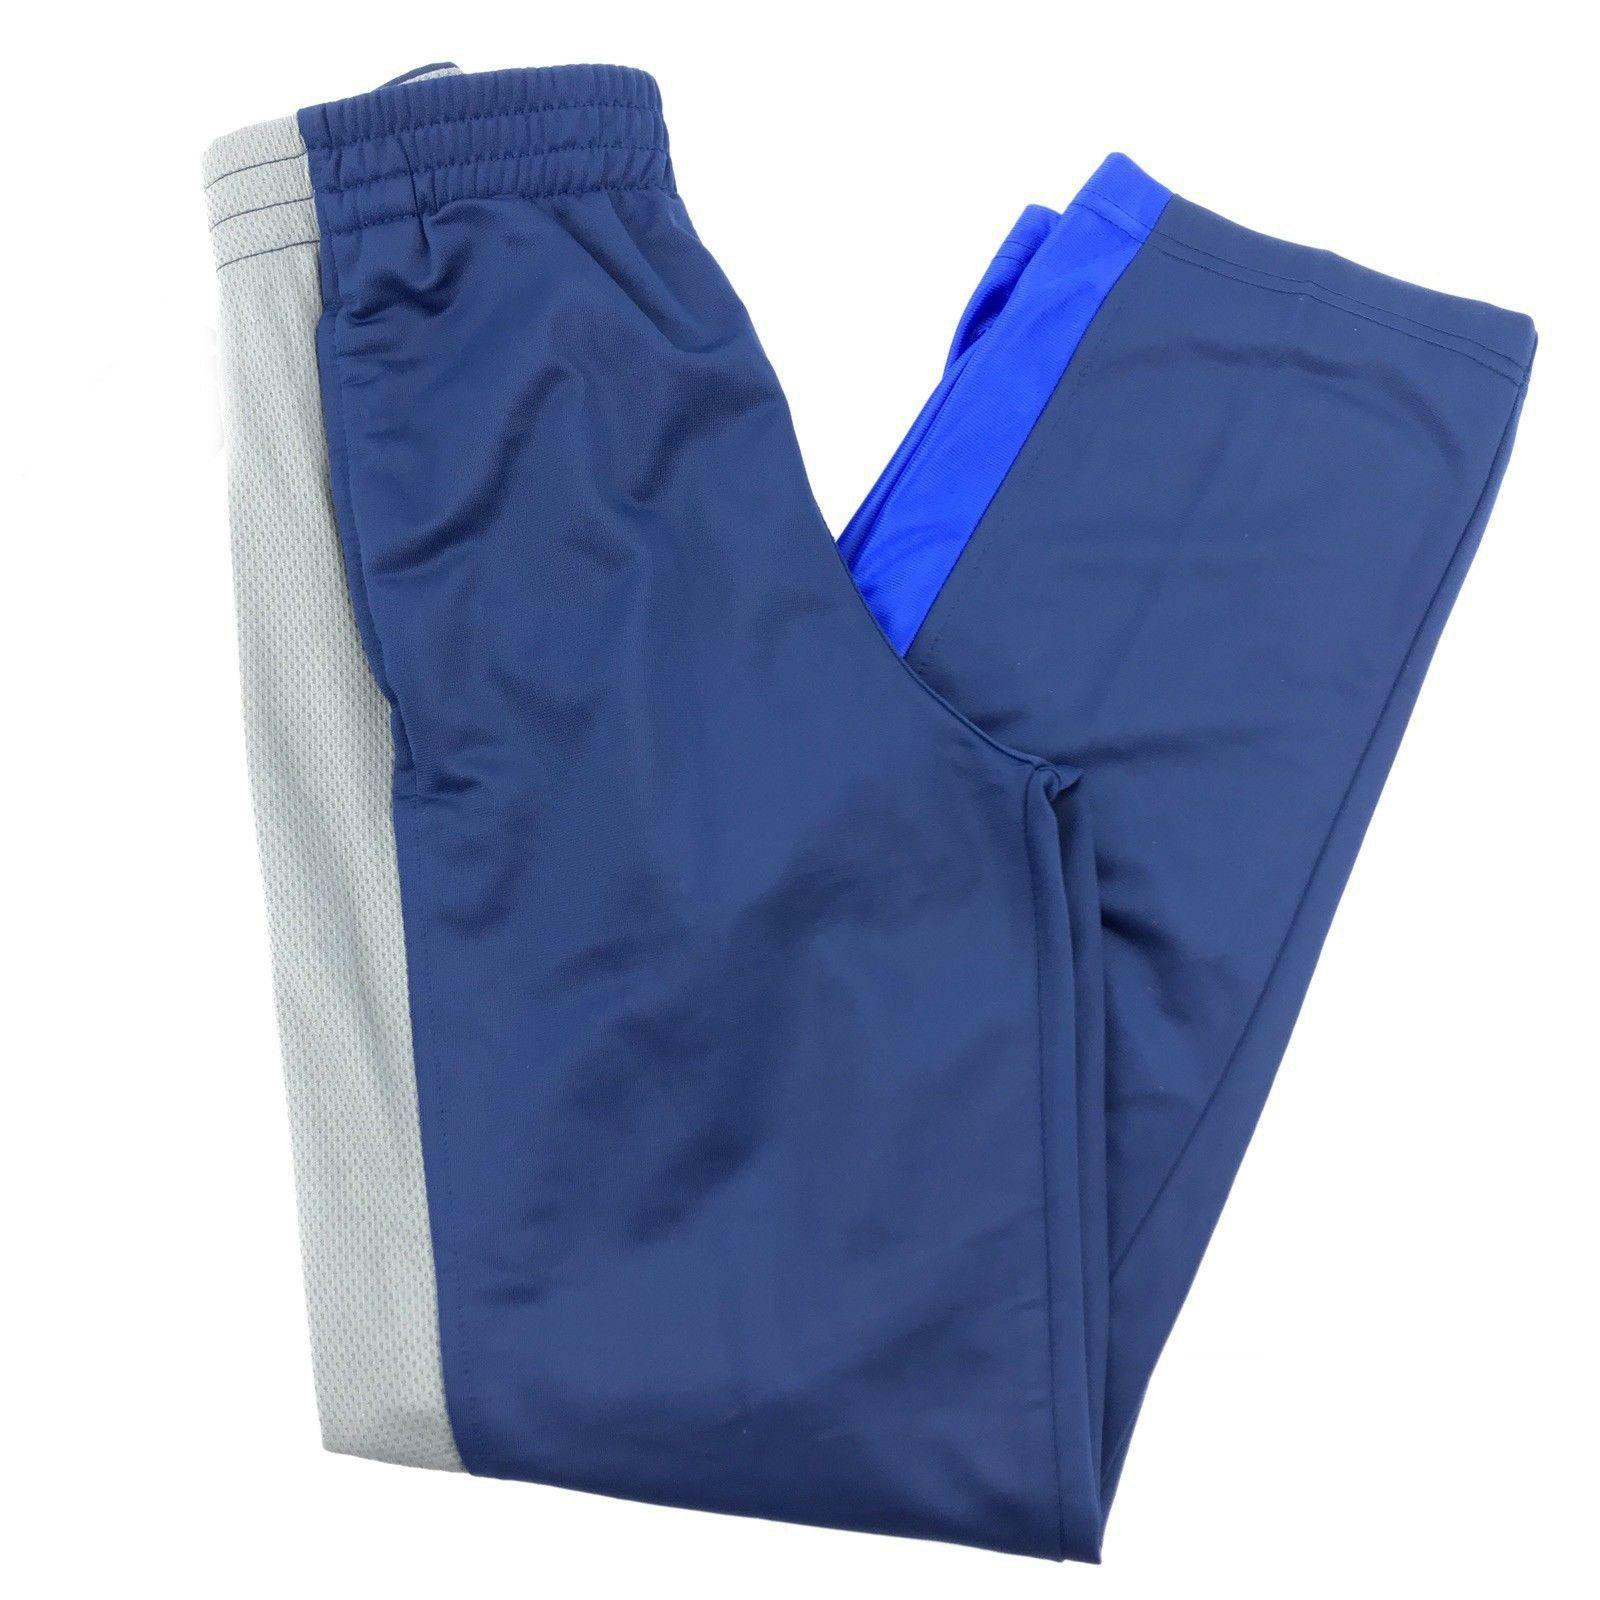 Boy's Athletic Sweatpants S/M/L